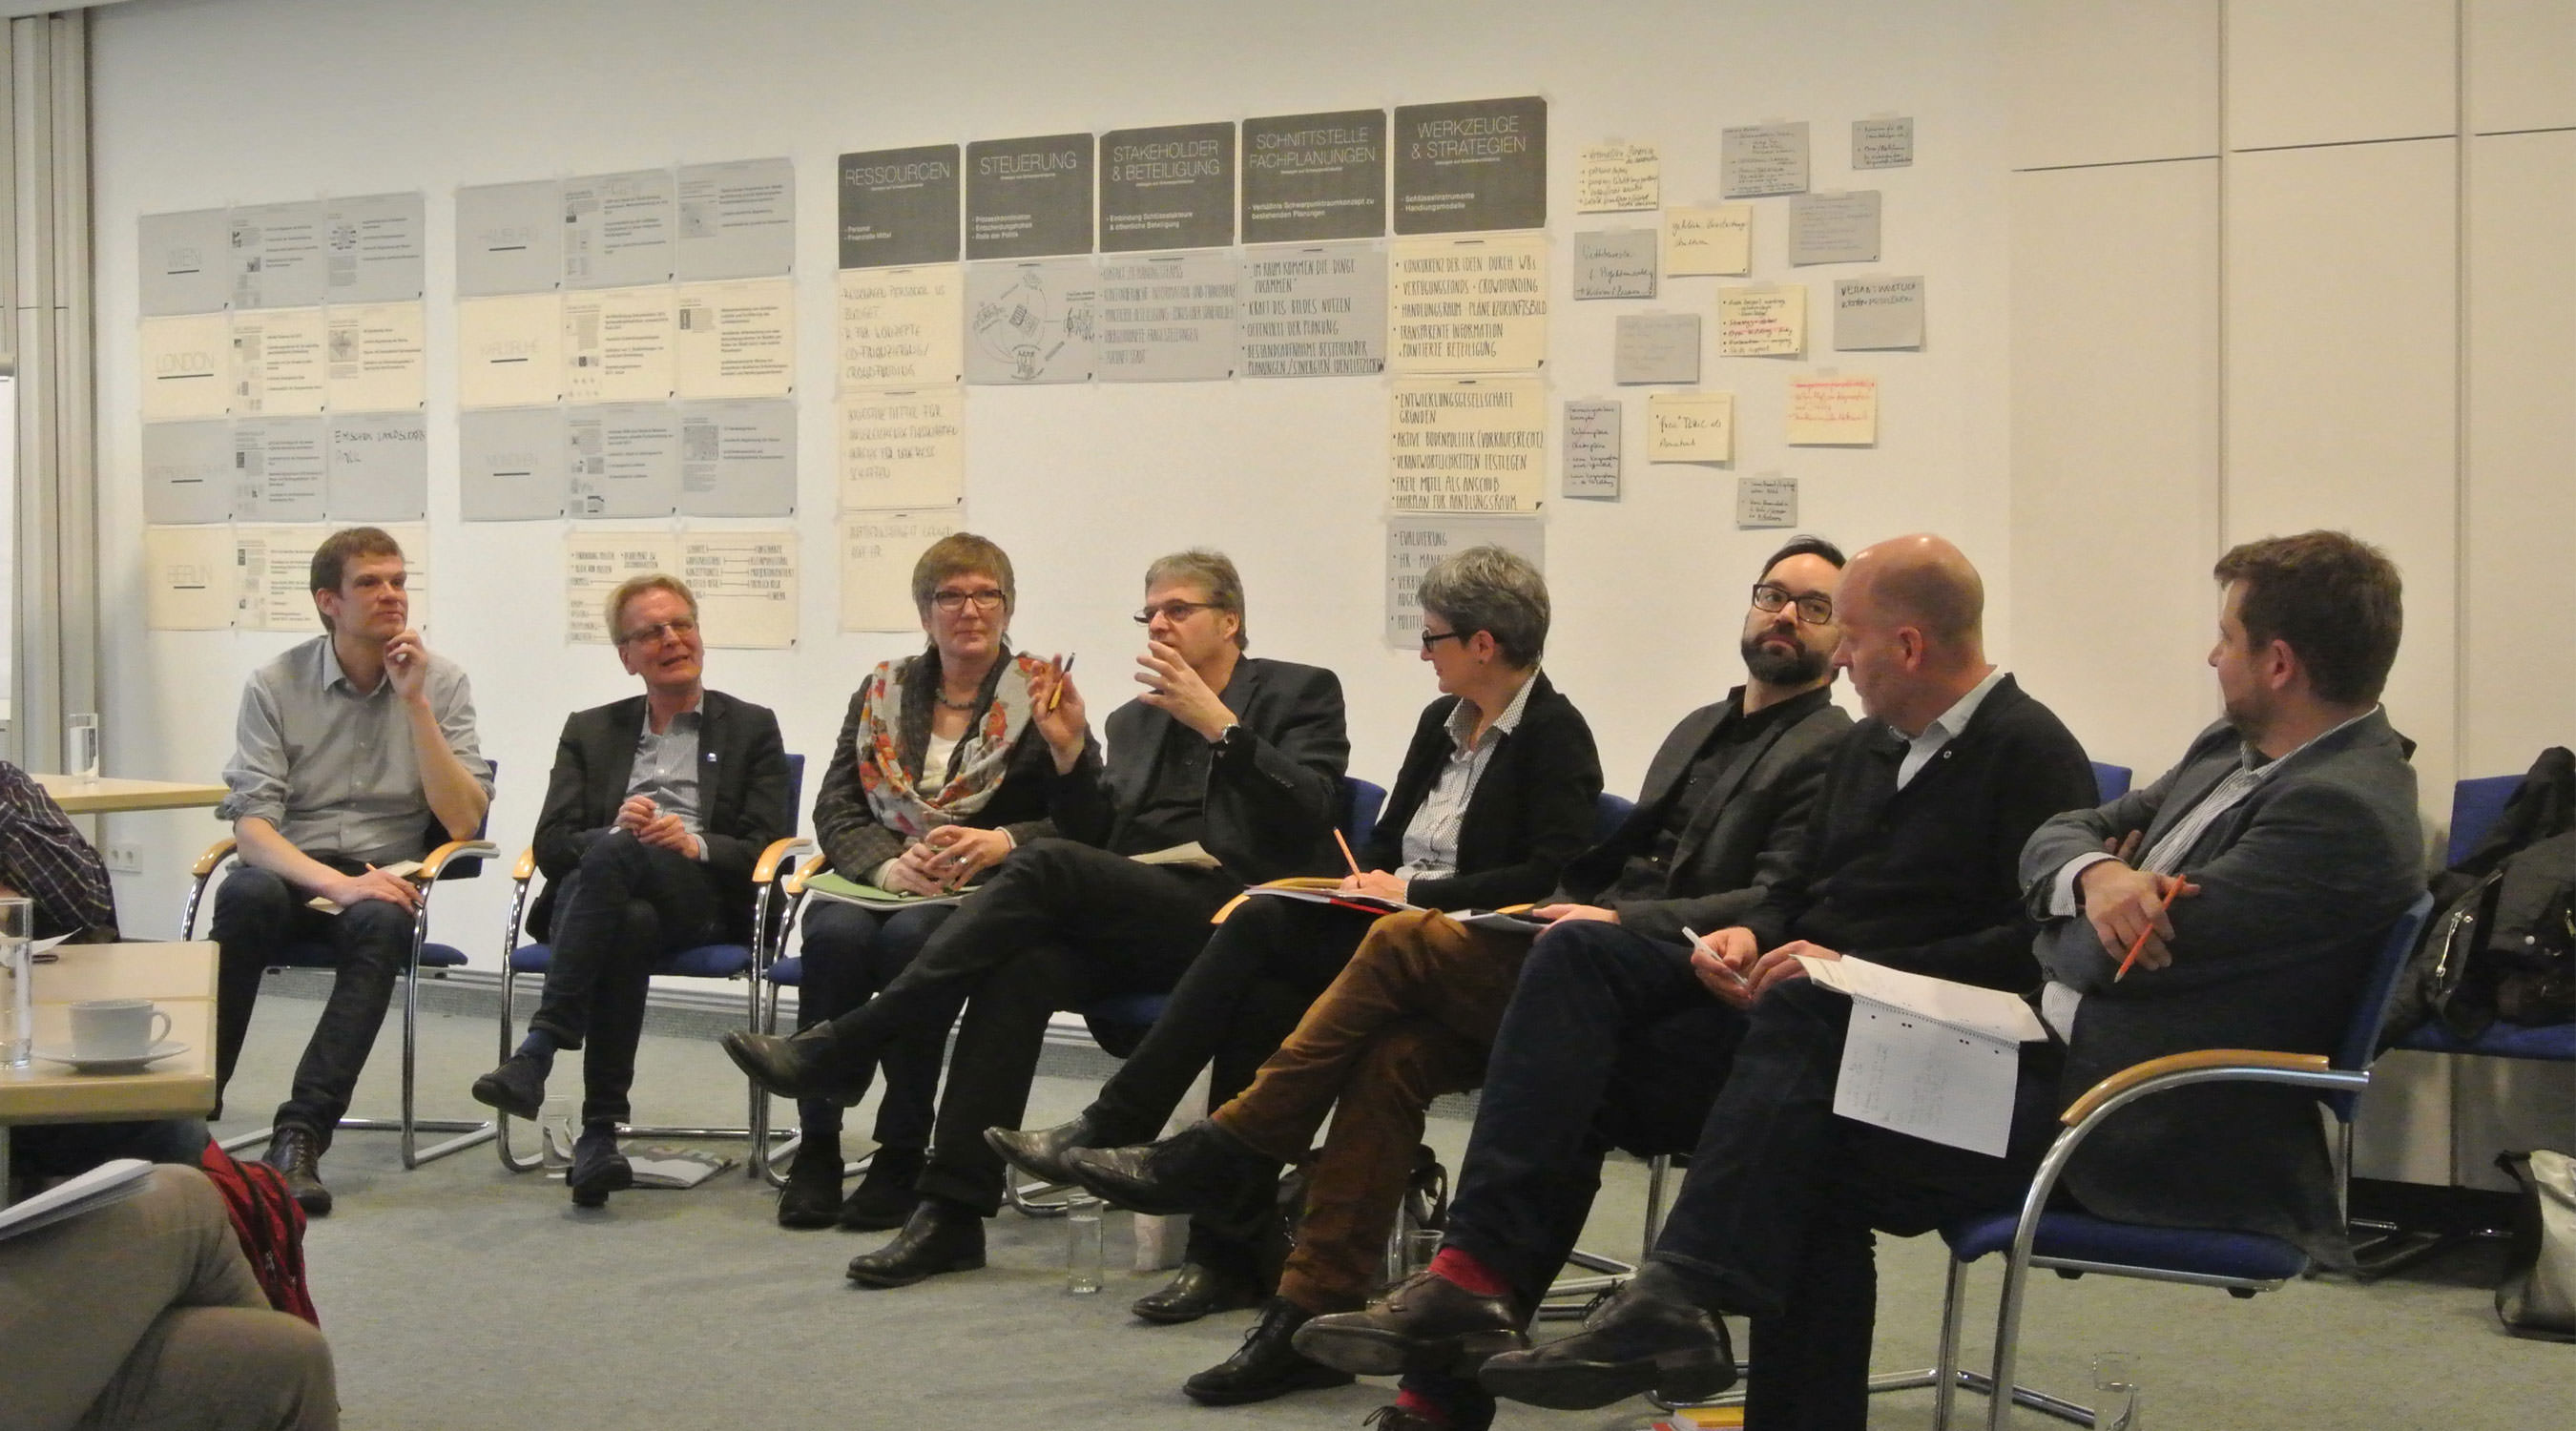 Integriertes Handlungsraumkonzept Handlungsraum 3 München Expertenworkshop